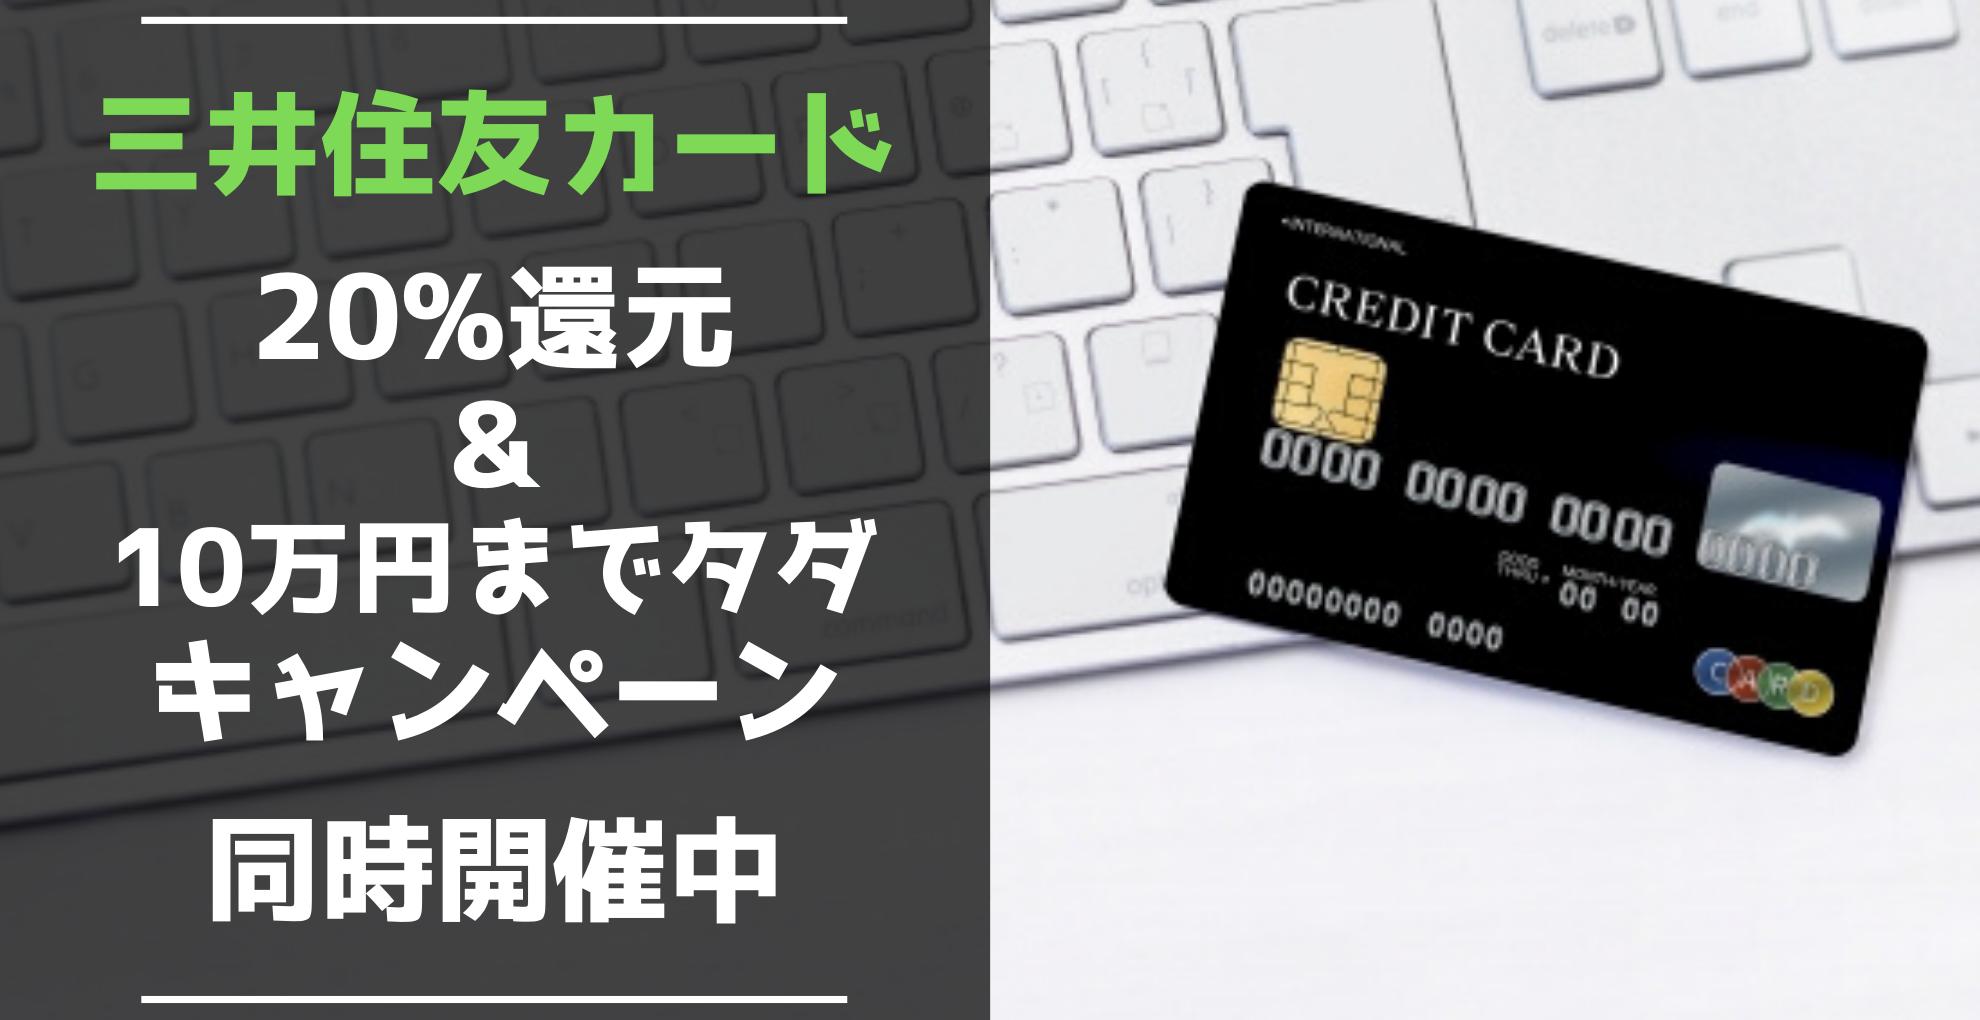 【三井住友カード】「20%還元」&「抽選で10万円までタダになる」キャンペーンを同時開催中